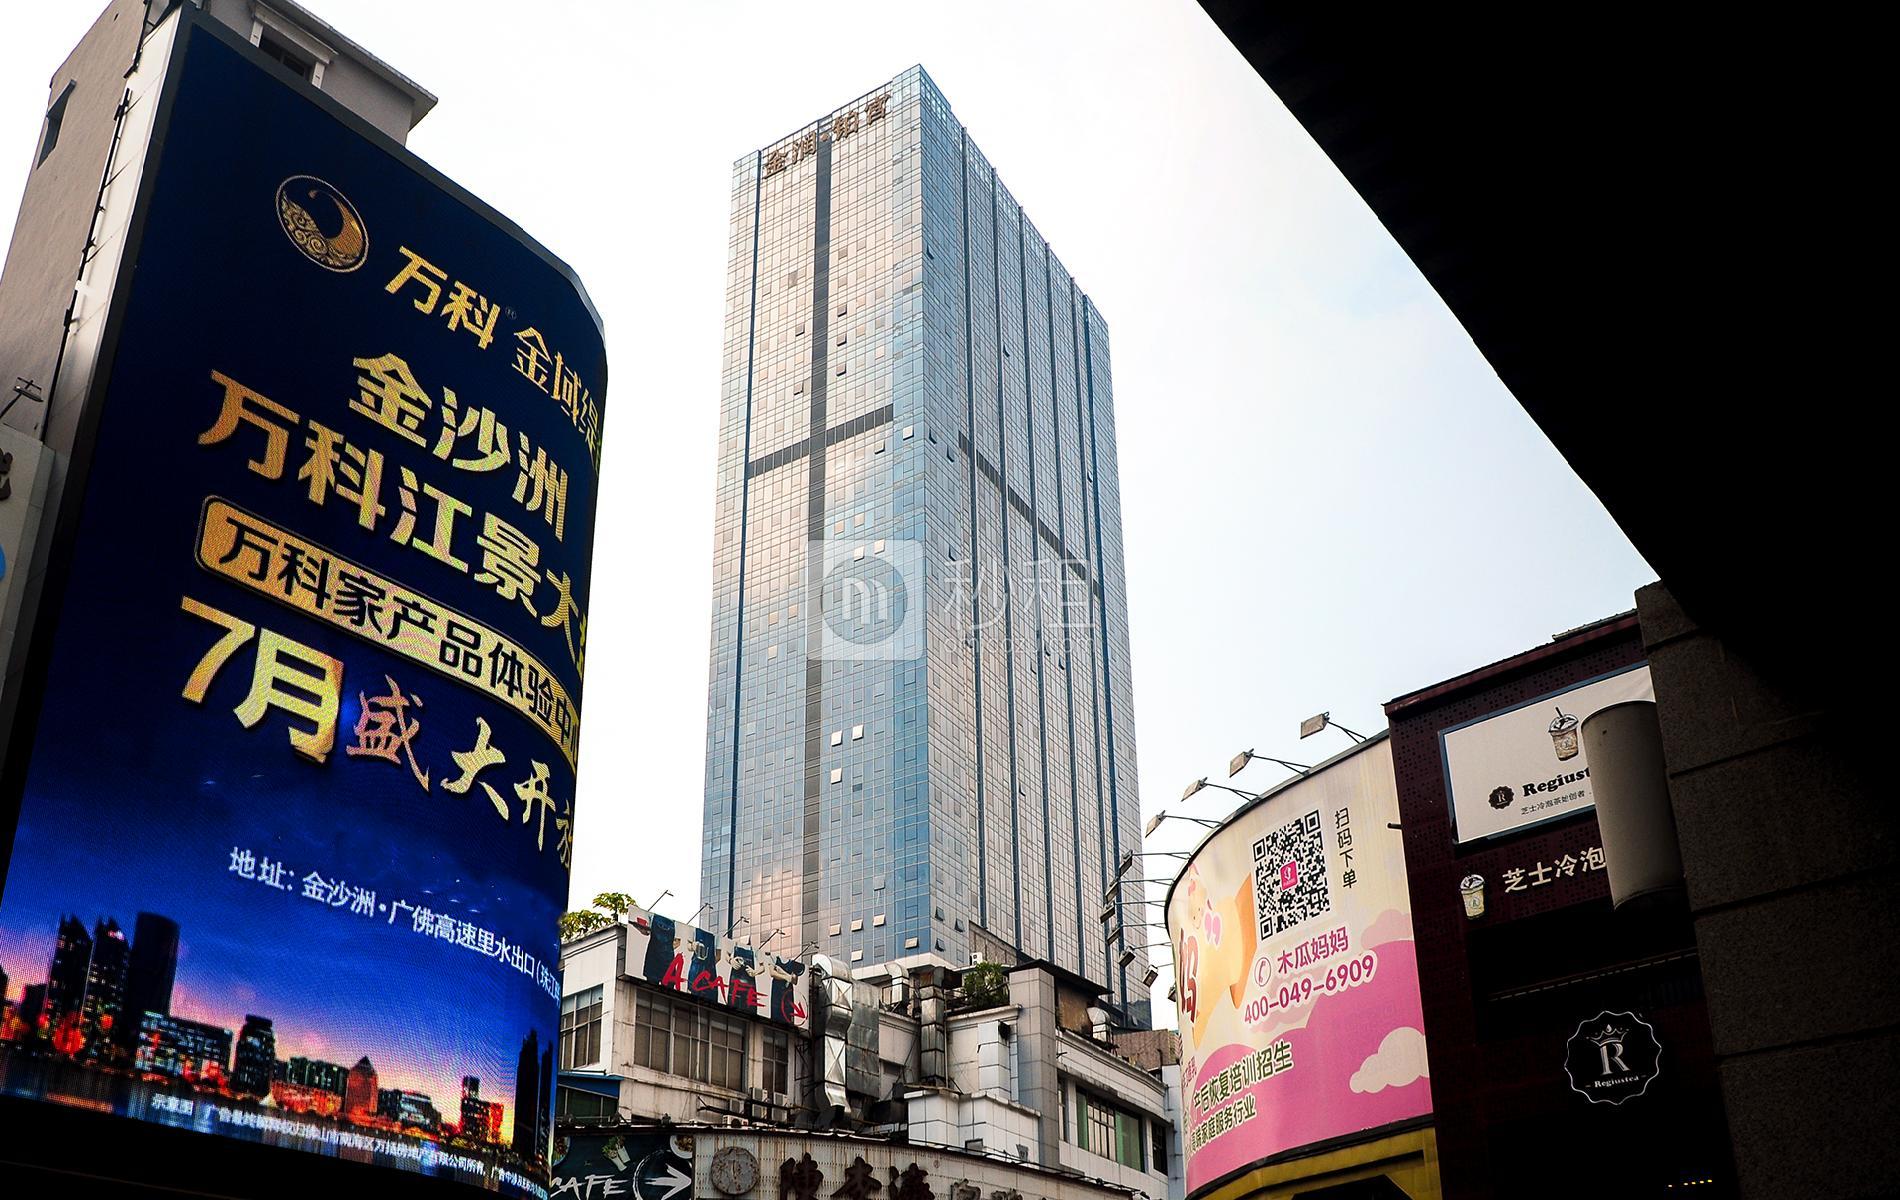 金润铂宫写字楼出租/招租/租赁,金润铂宫办公室出租/招租/租赁